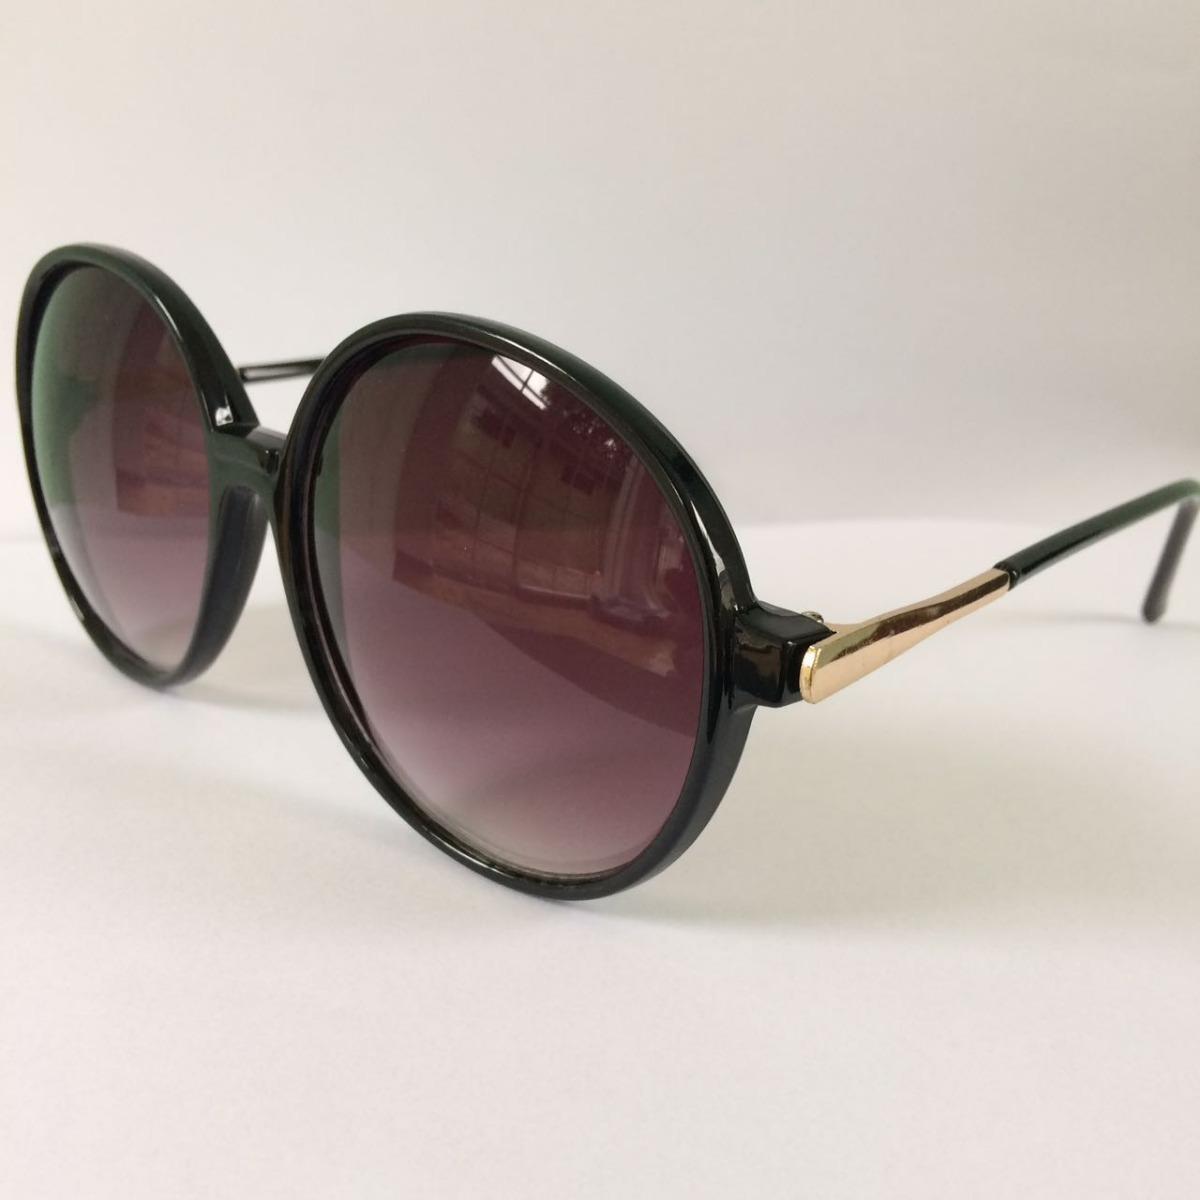 Óculos De Sol Feminino Redondo Grande Proteção Uv400 - R  30,00 em ... 03a2d1af37